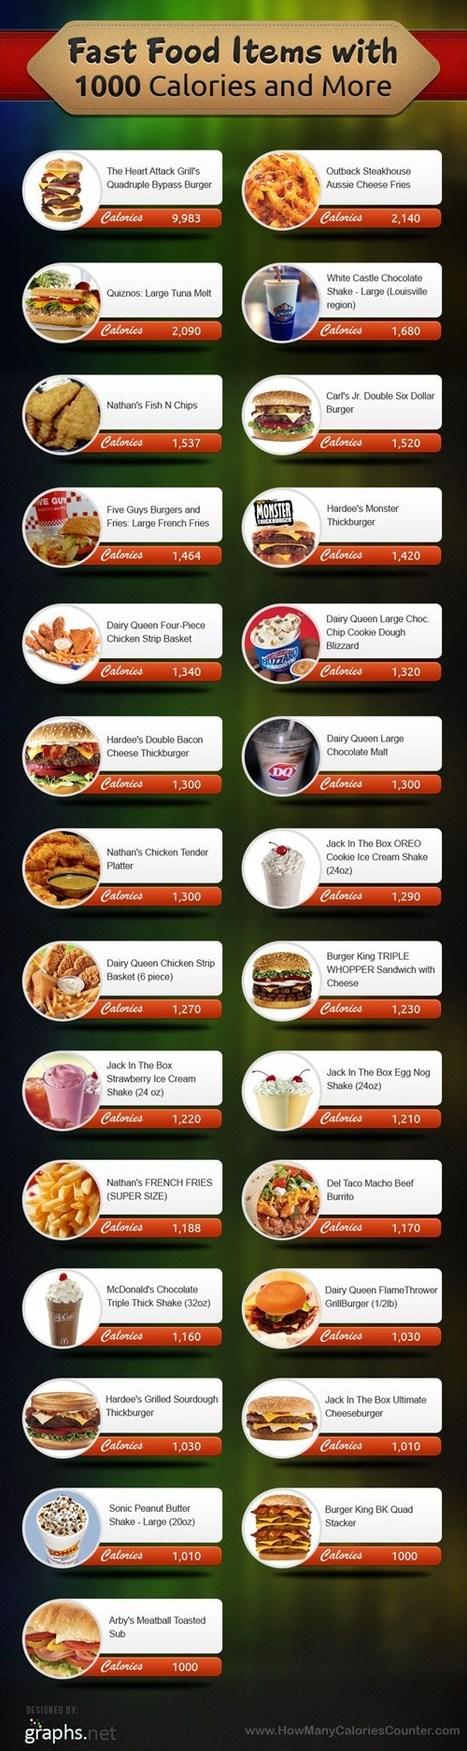 27 plats à plus de 1000 calories | Wall Of Frames | Scoop.it